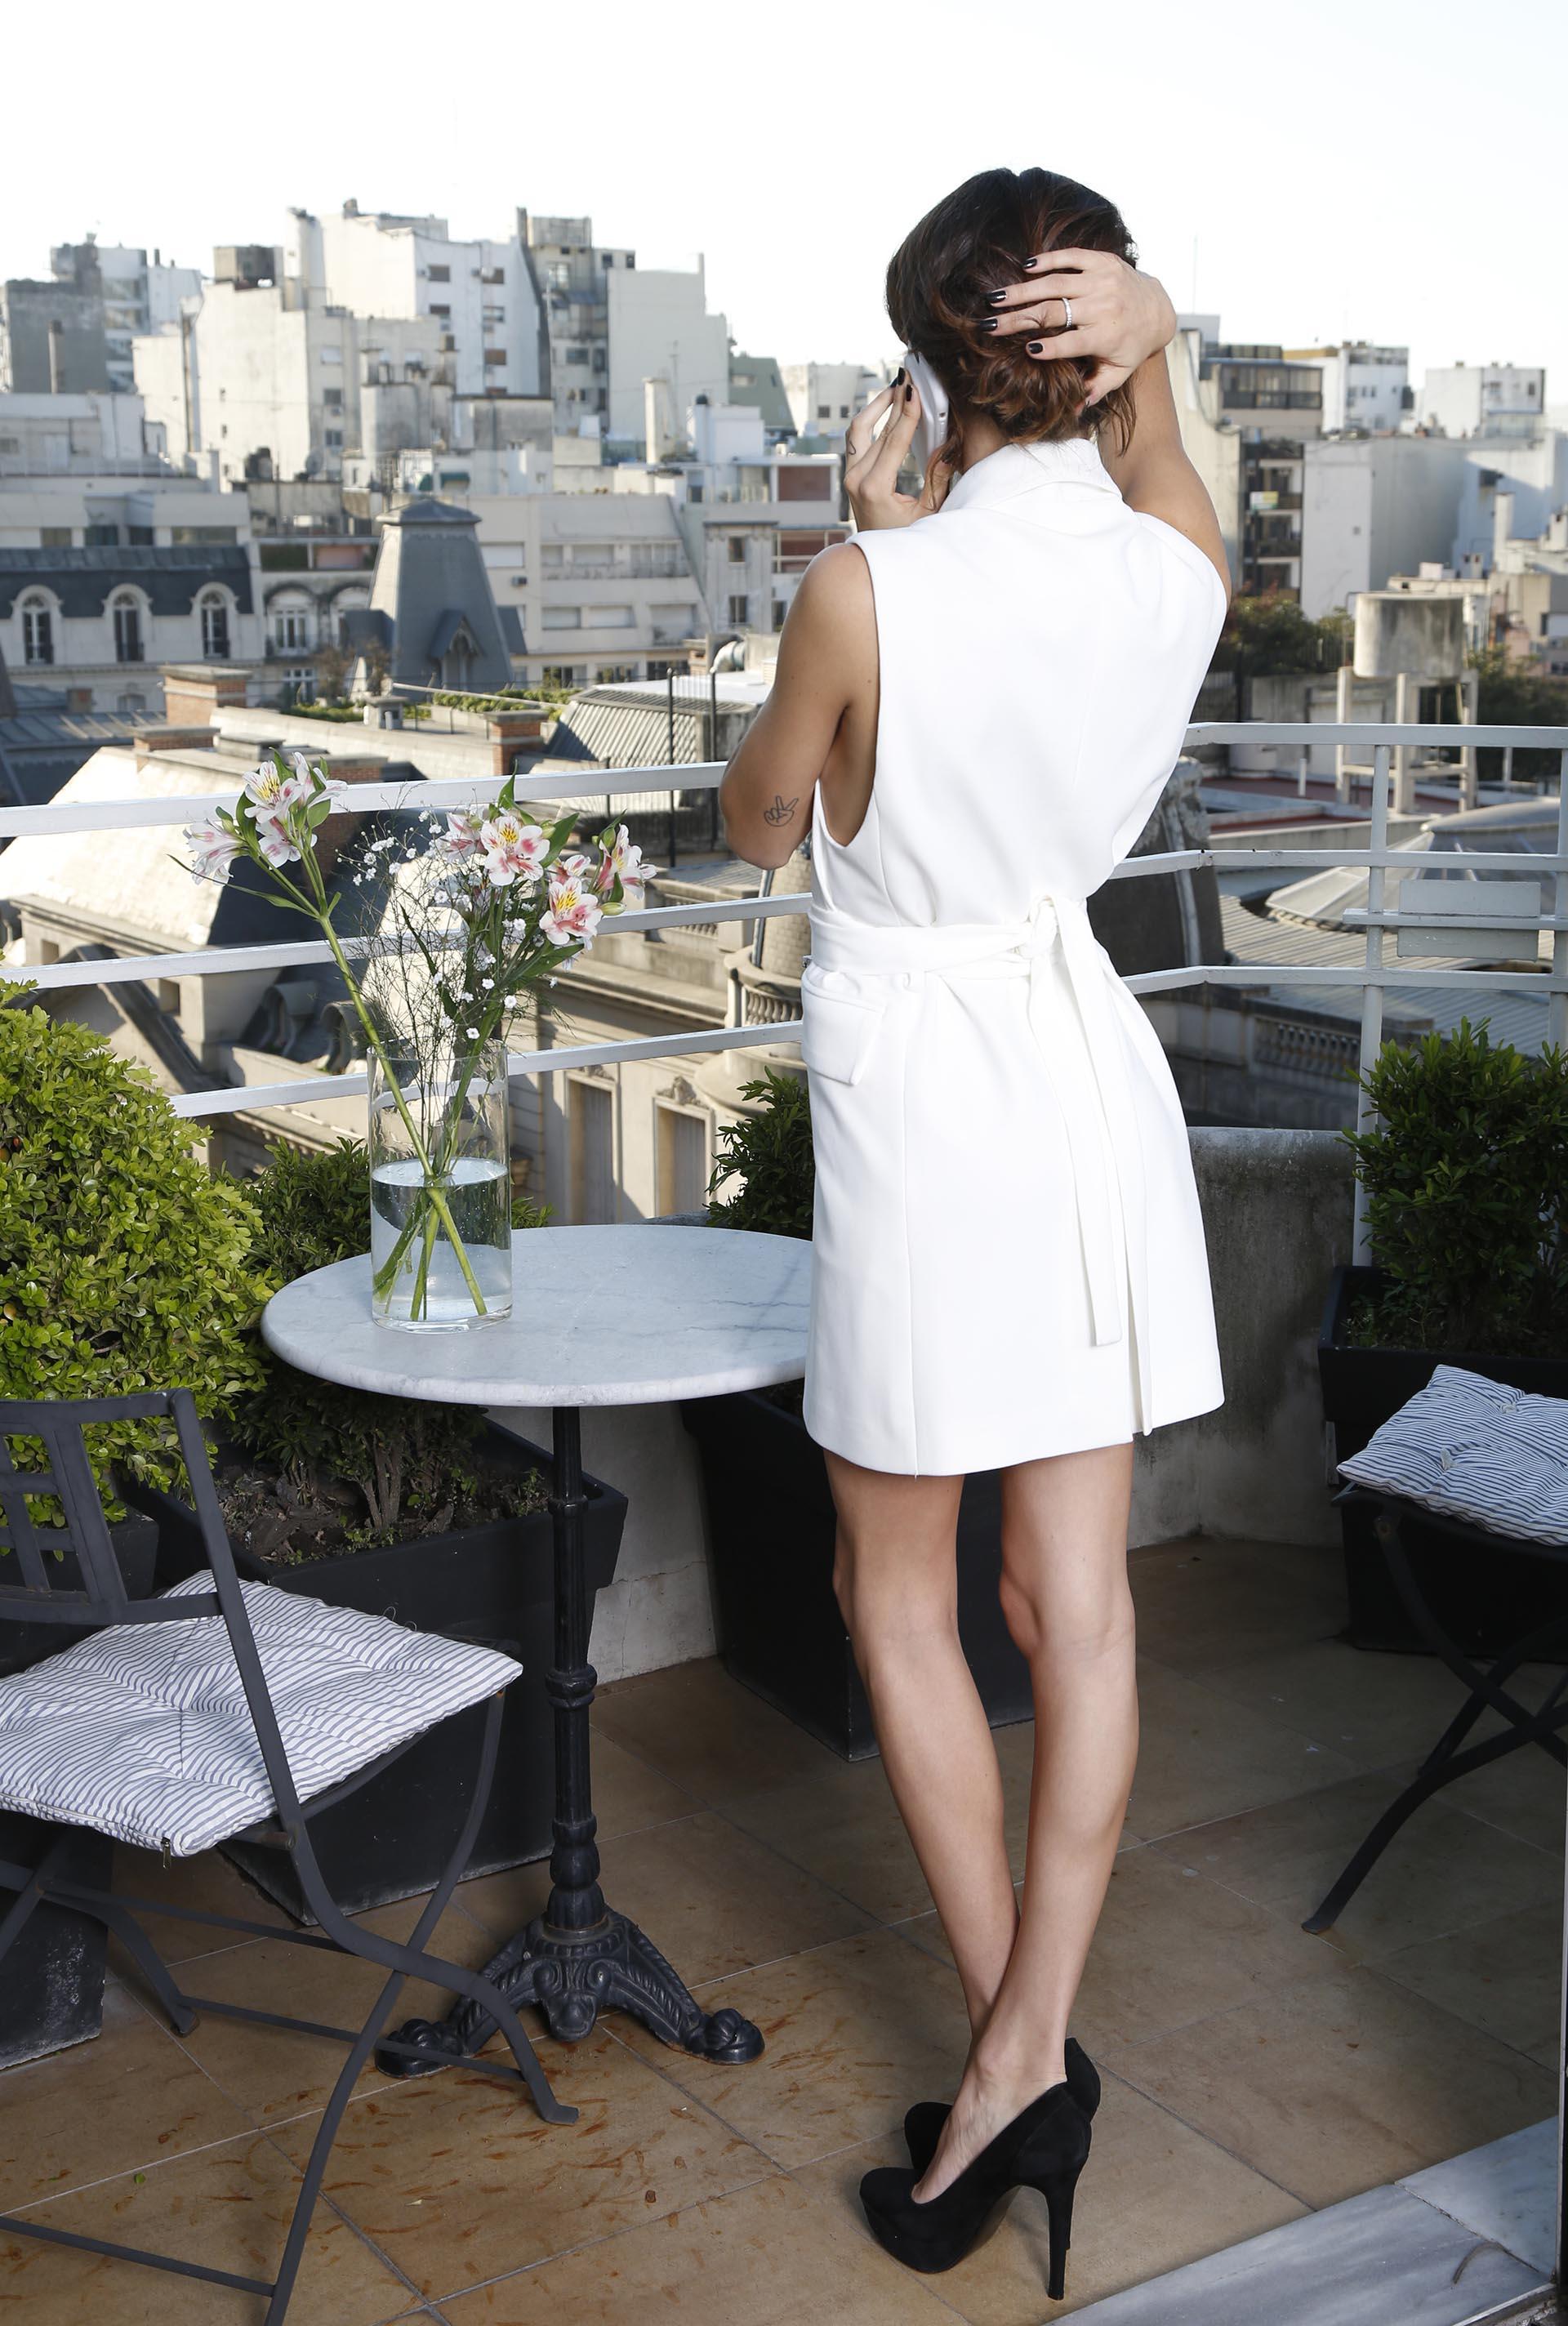 Para el atardecer: vestido blanco corte trench sin mangas y stilettos negros (Santiago Turienzo)